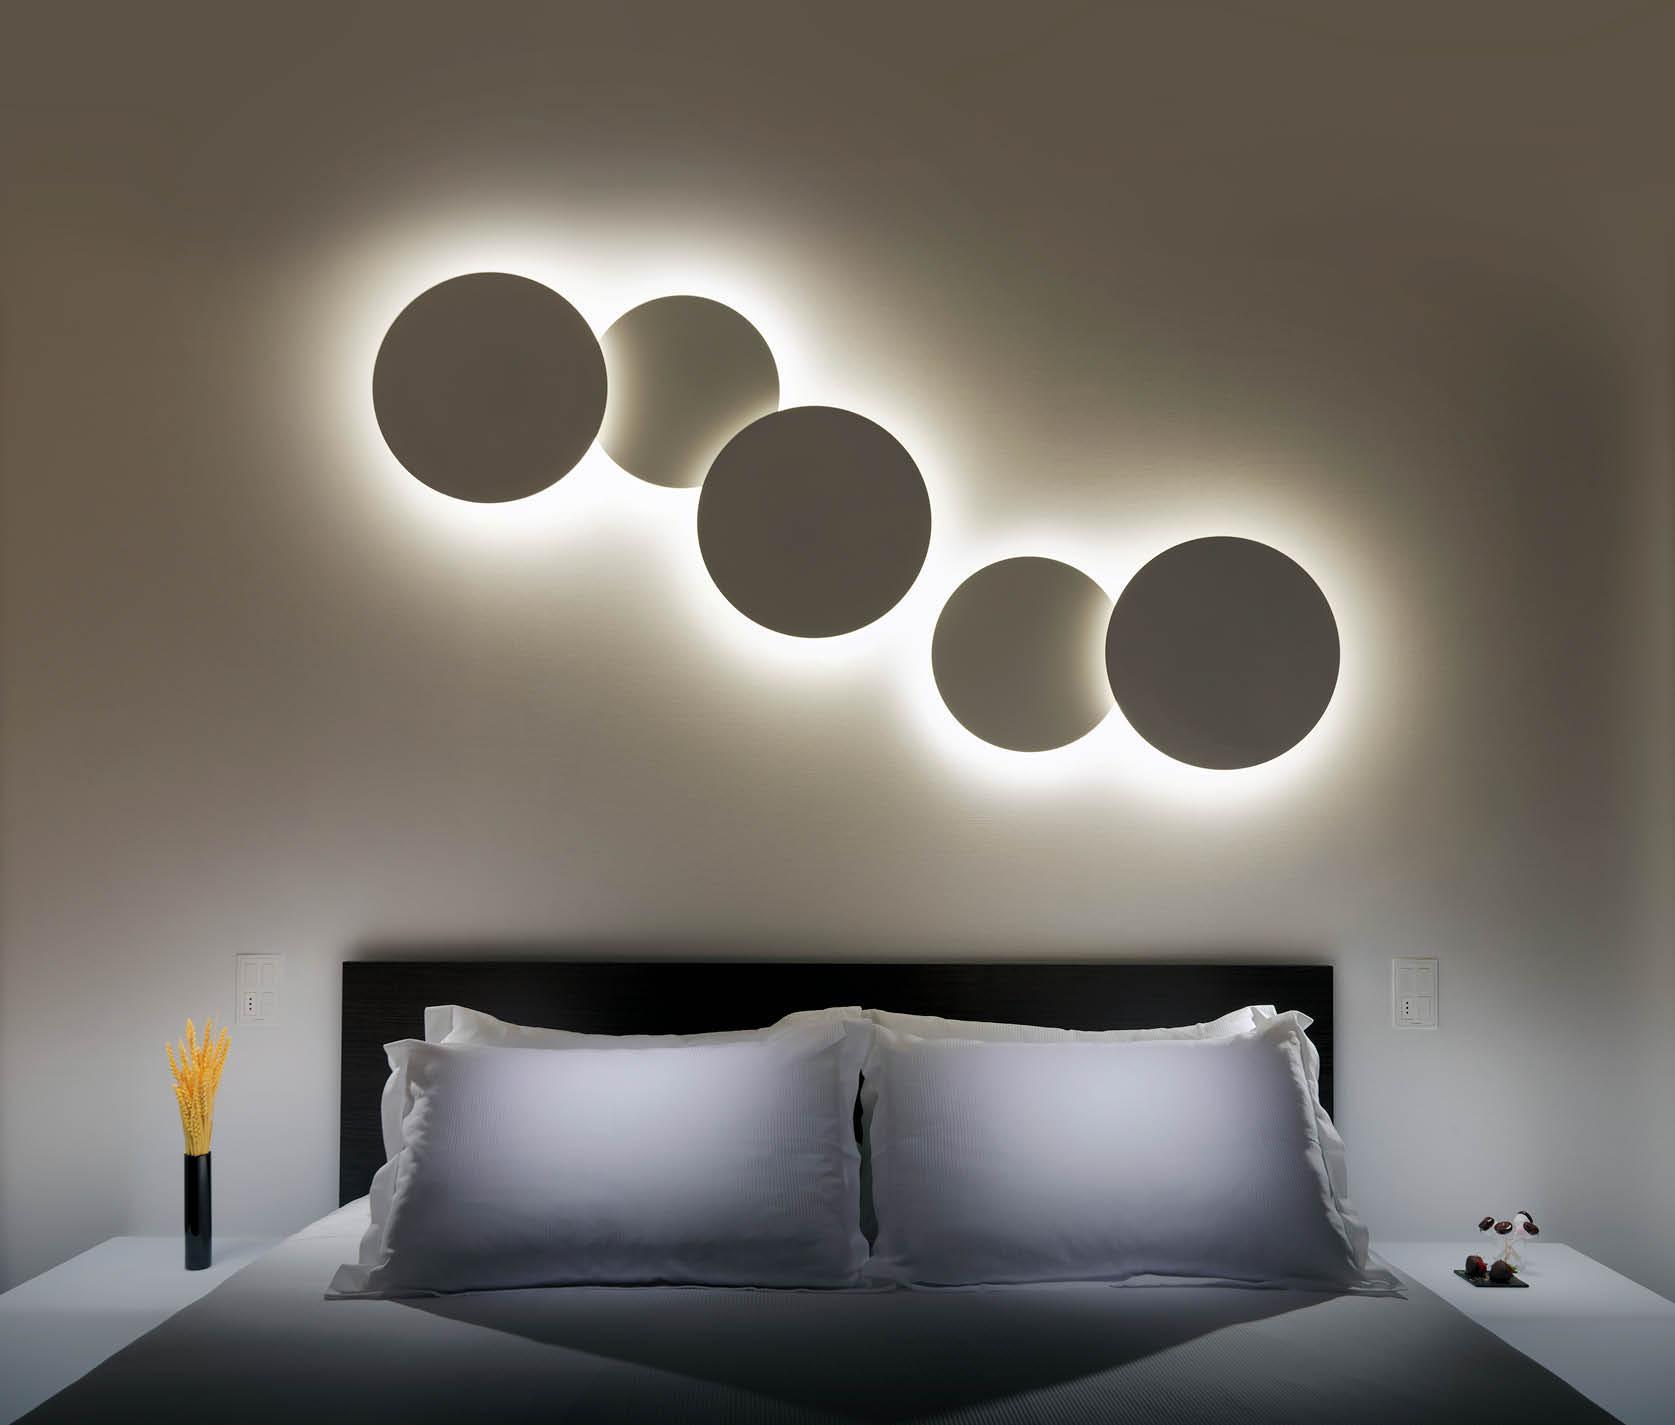 Wall Lighting 2